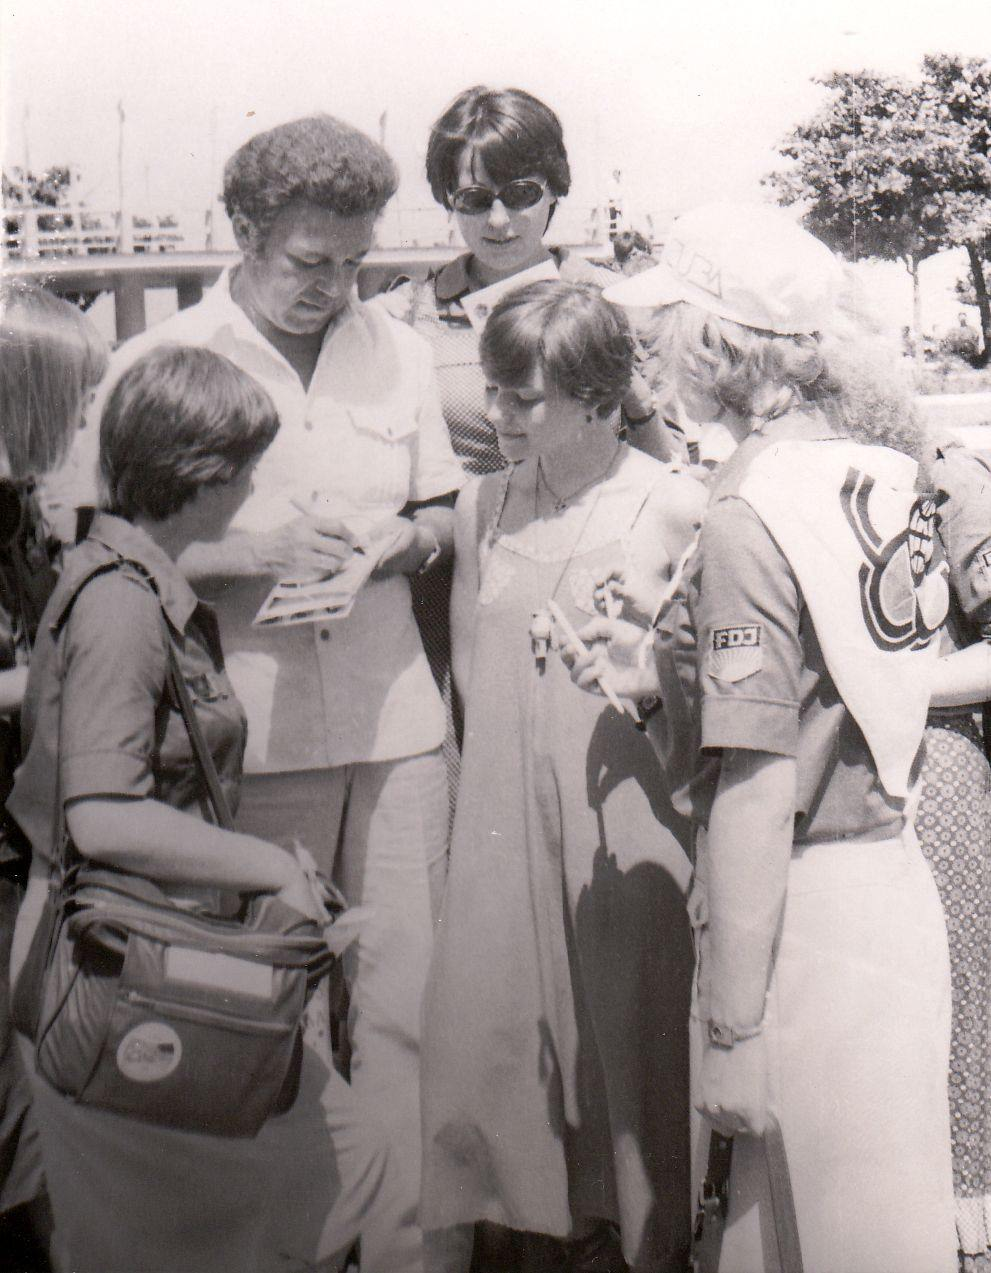 1978. Иосиф Кобзон и Ирина Понаровская дают автографы.